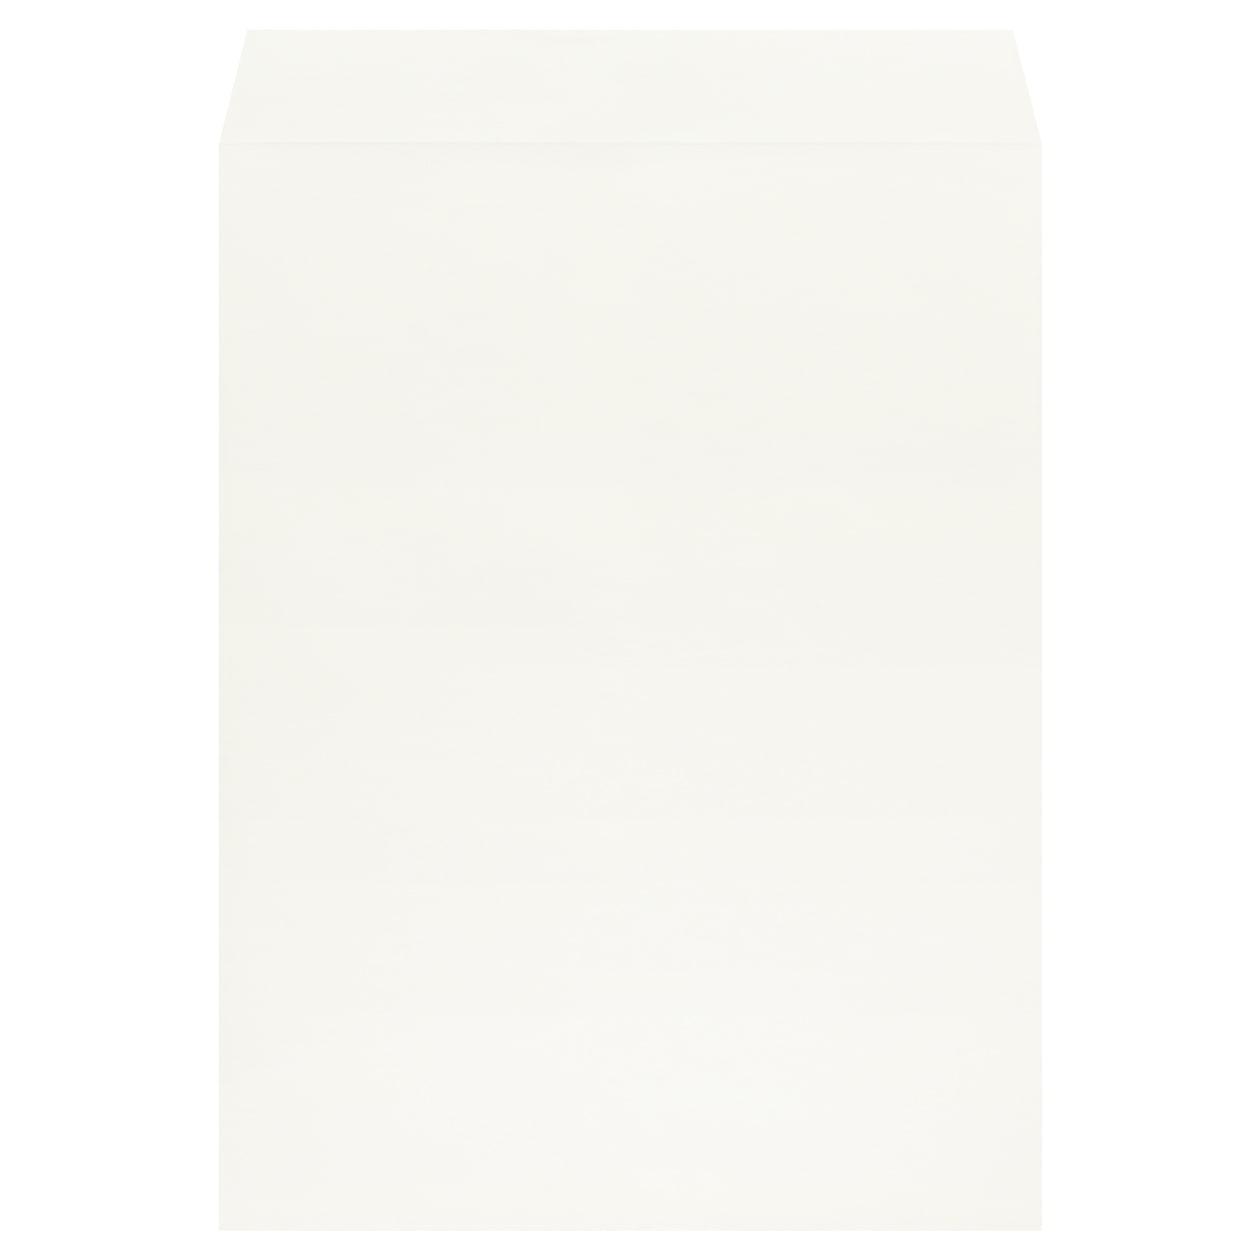 角0封筒 HAGURUMA Basic ソフトクリーム 100g センター貼